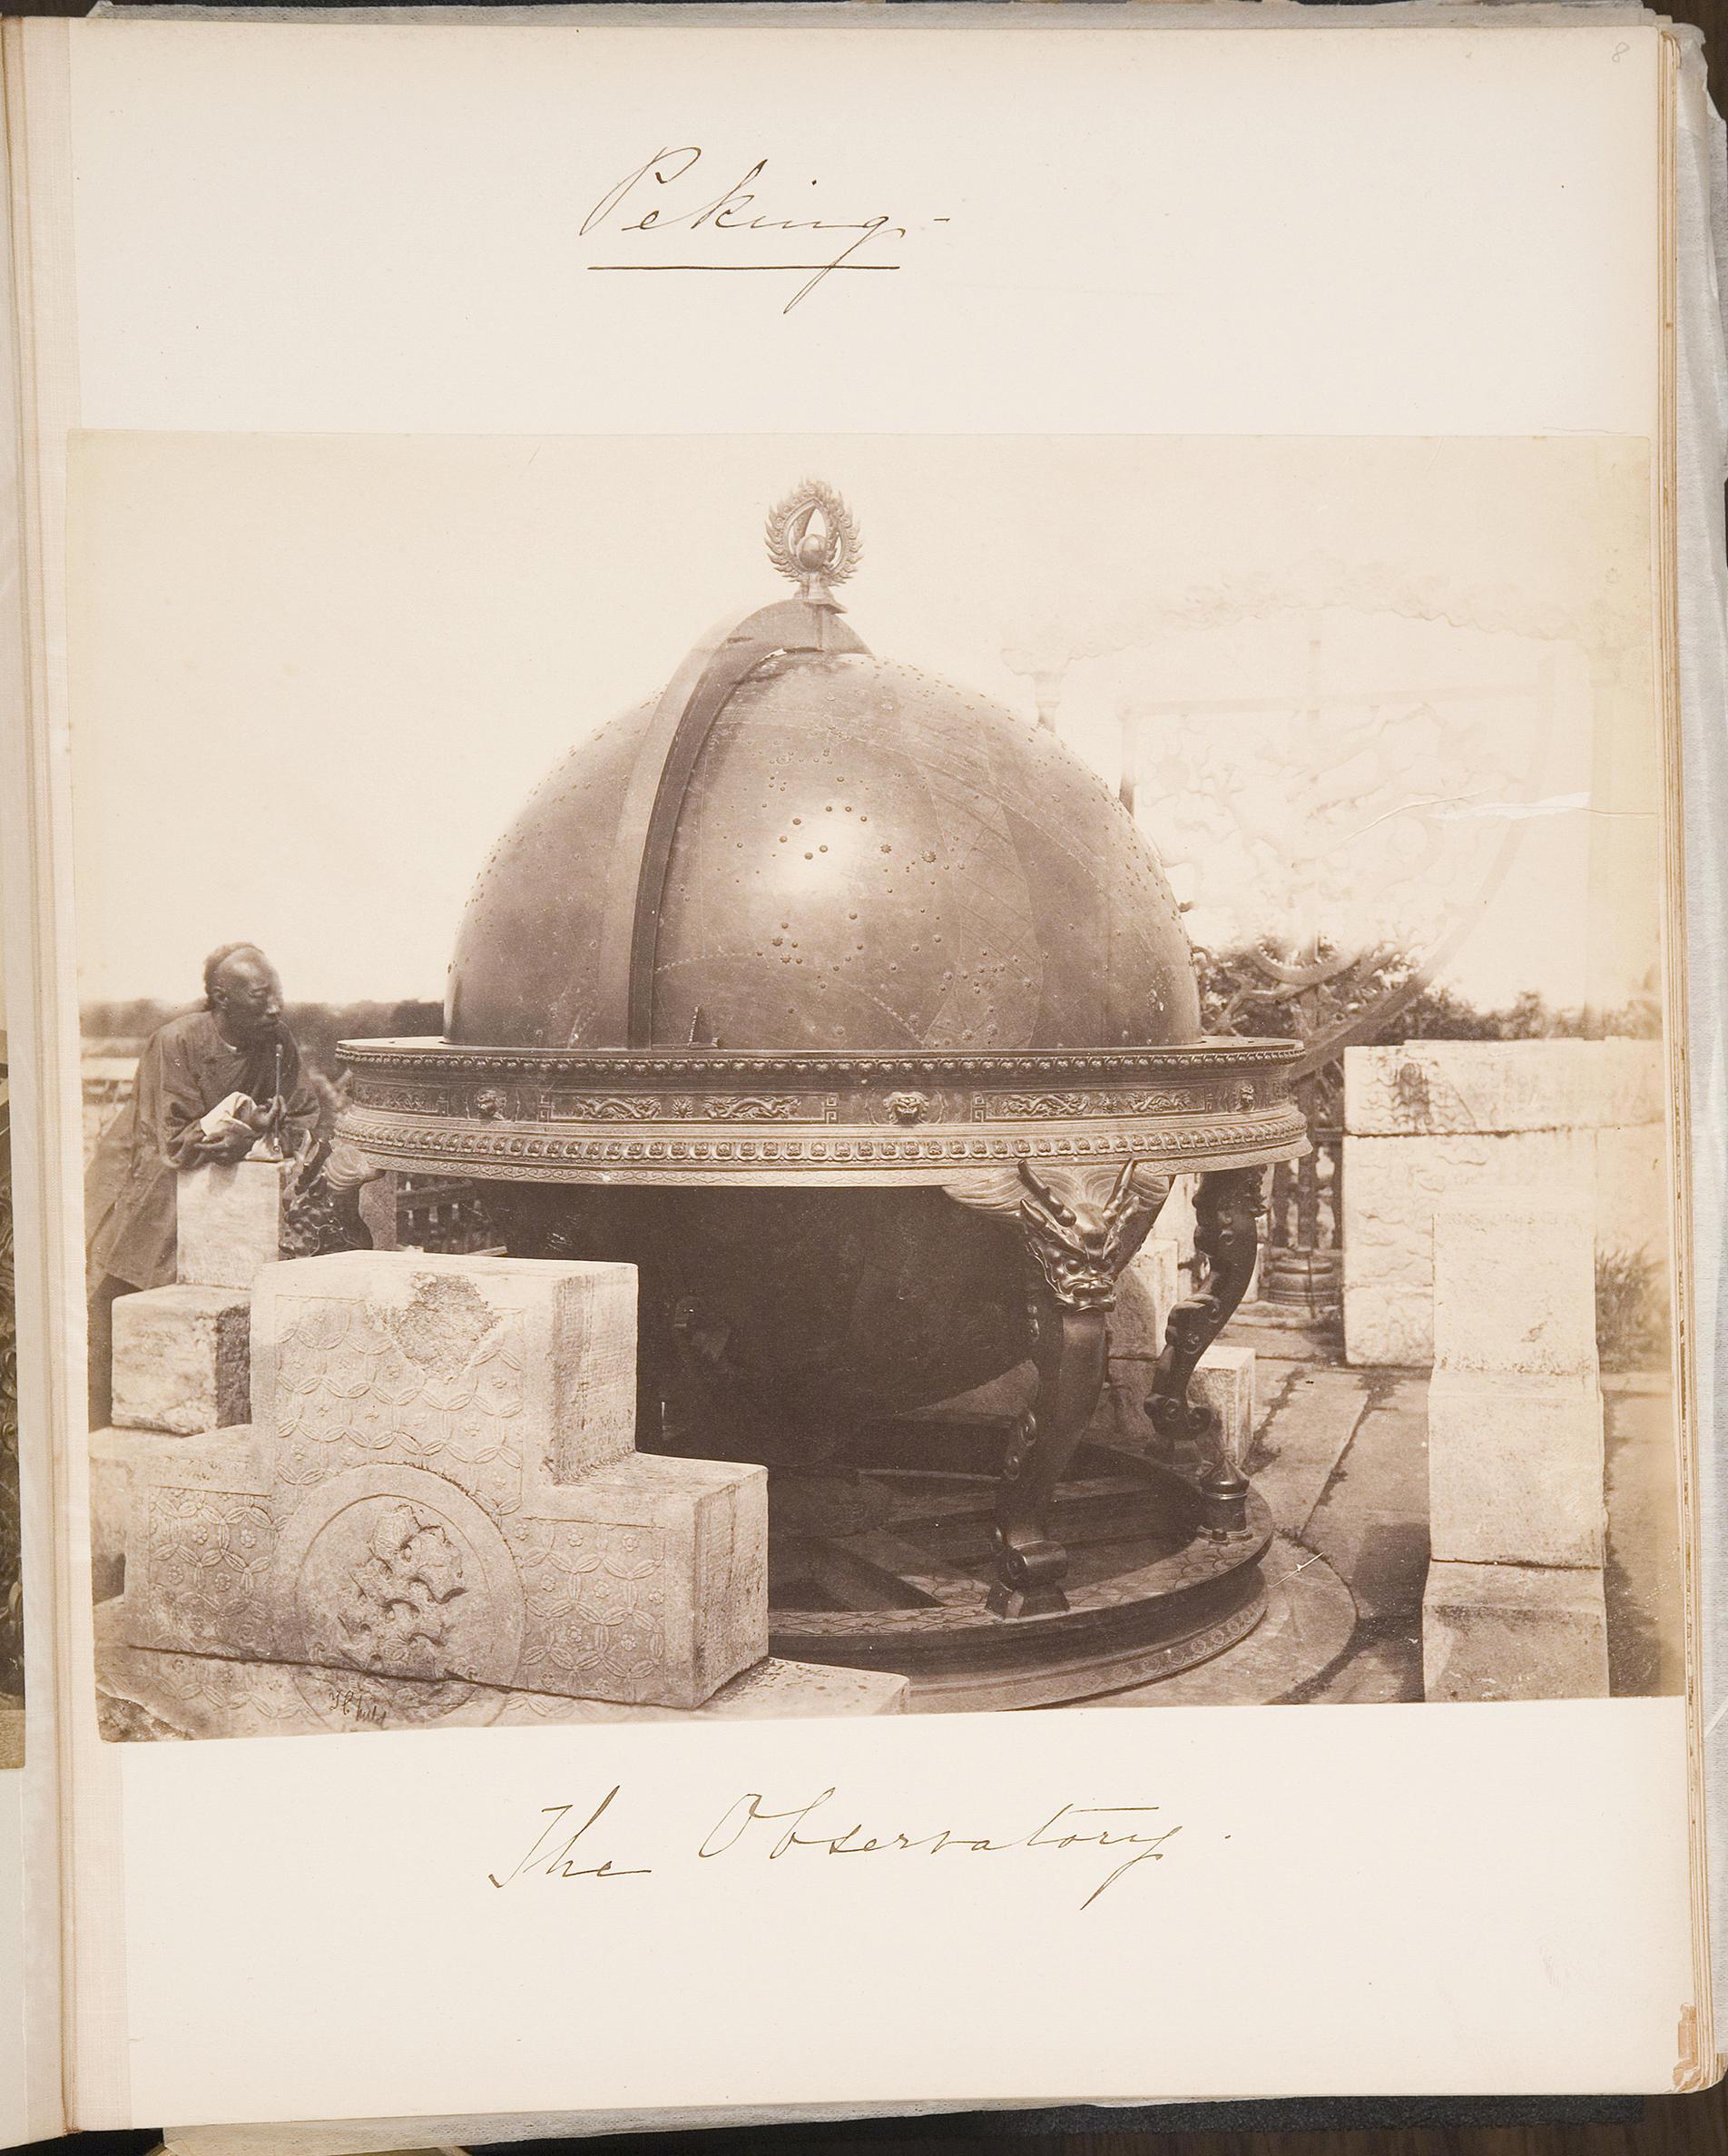 Isabella Stewart Gardner (American, 1840–1924), Travel Album: China, 1883, page 8